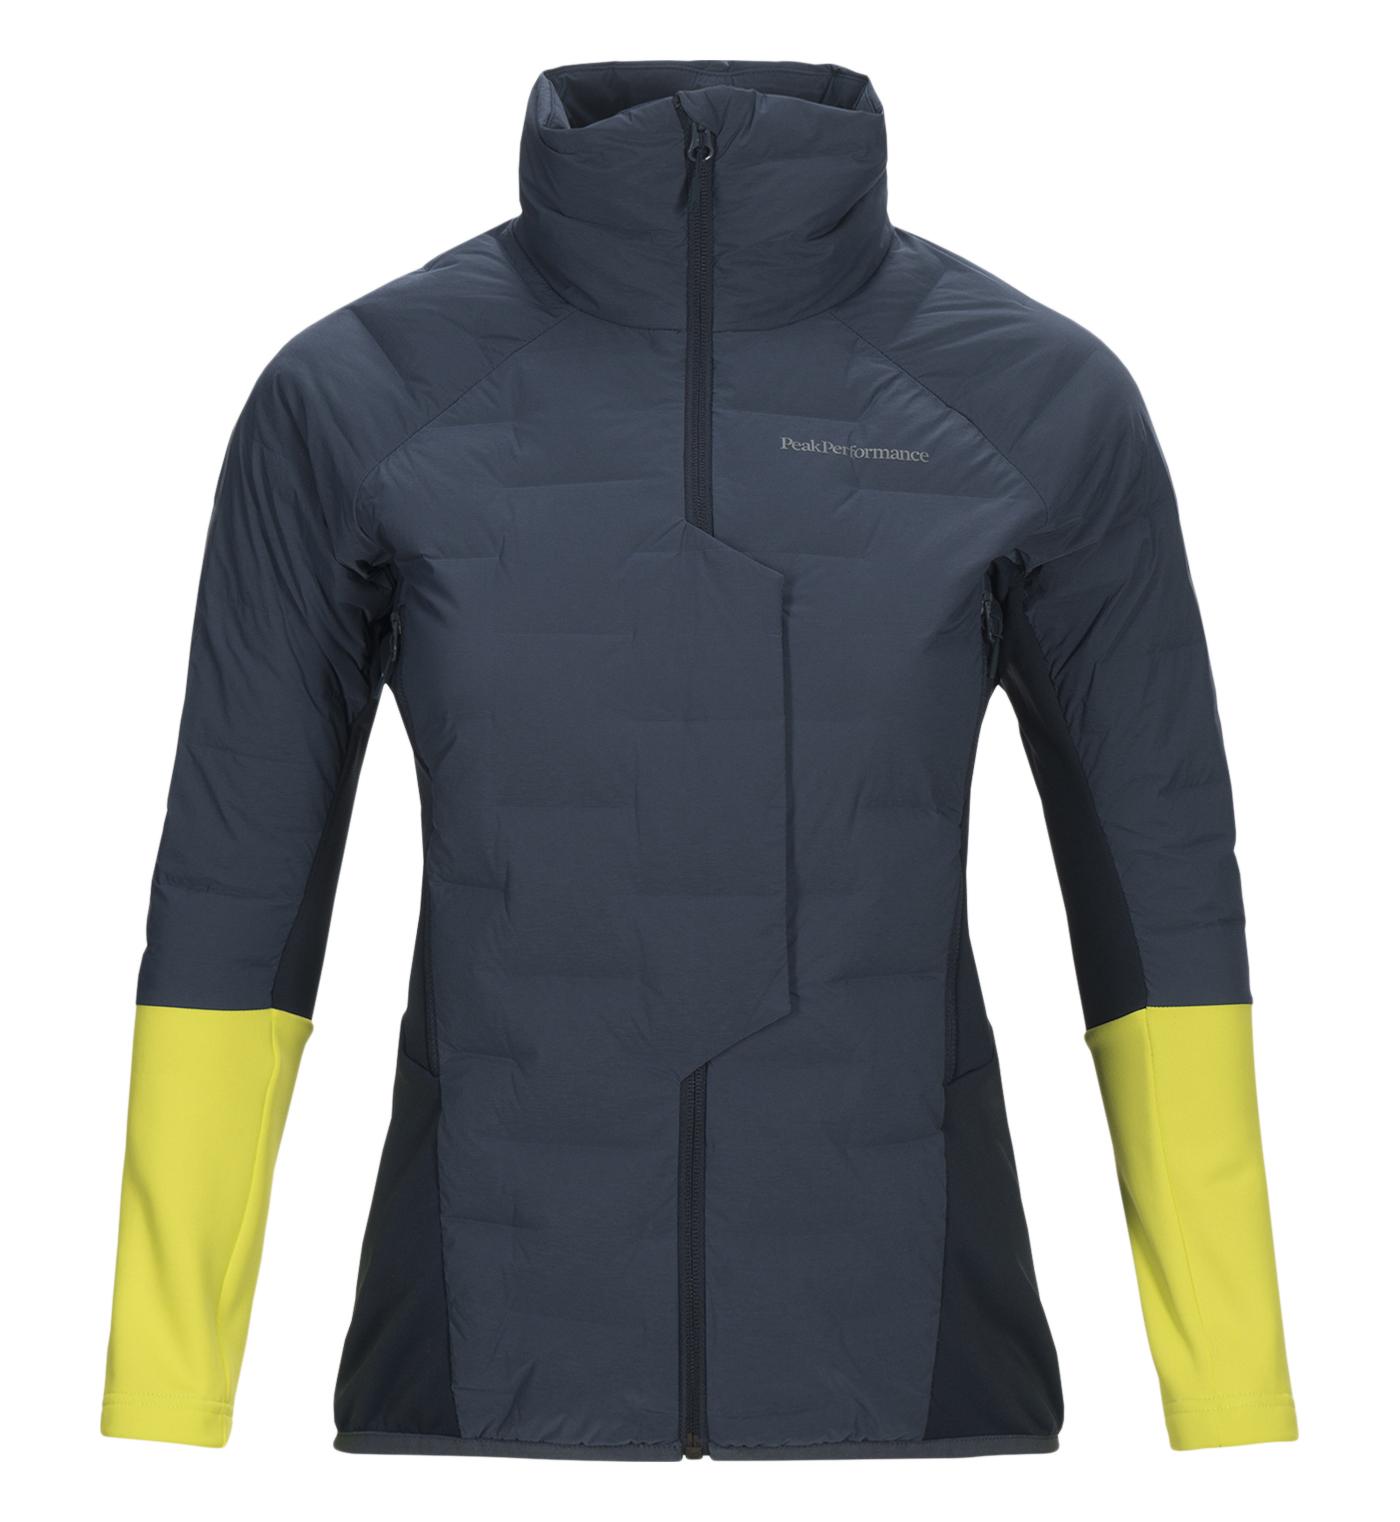 Peak Performance Vistlight Liner Jacket